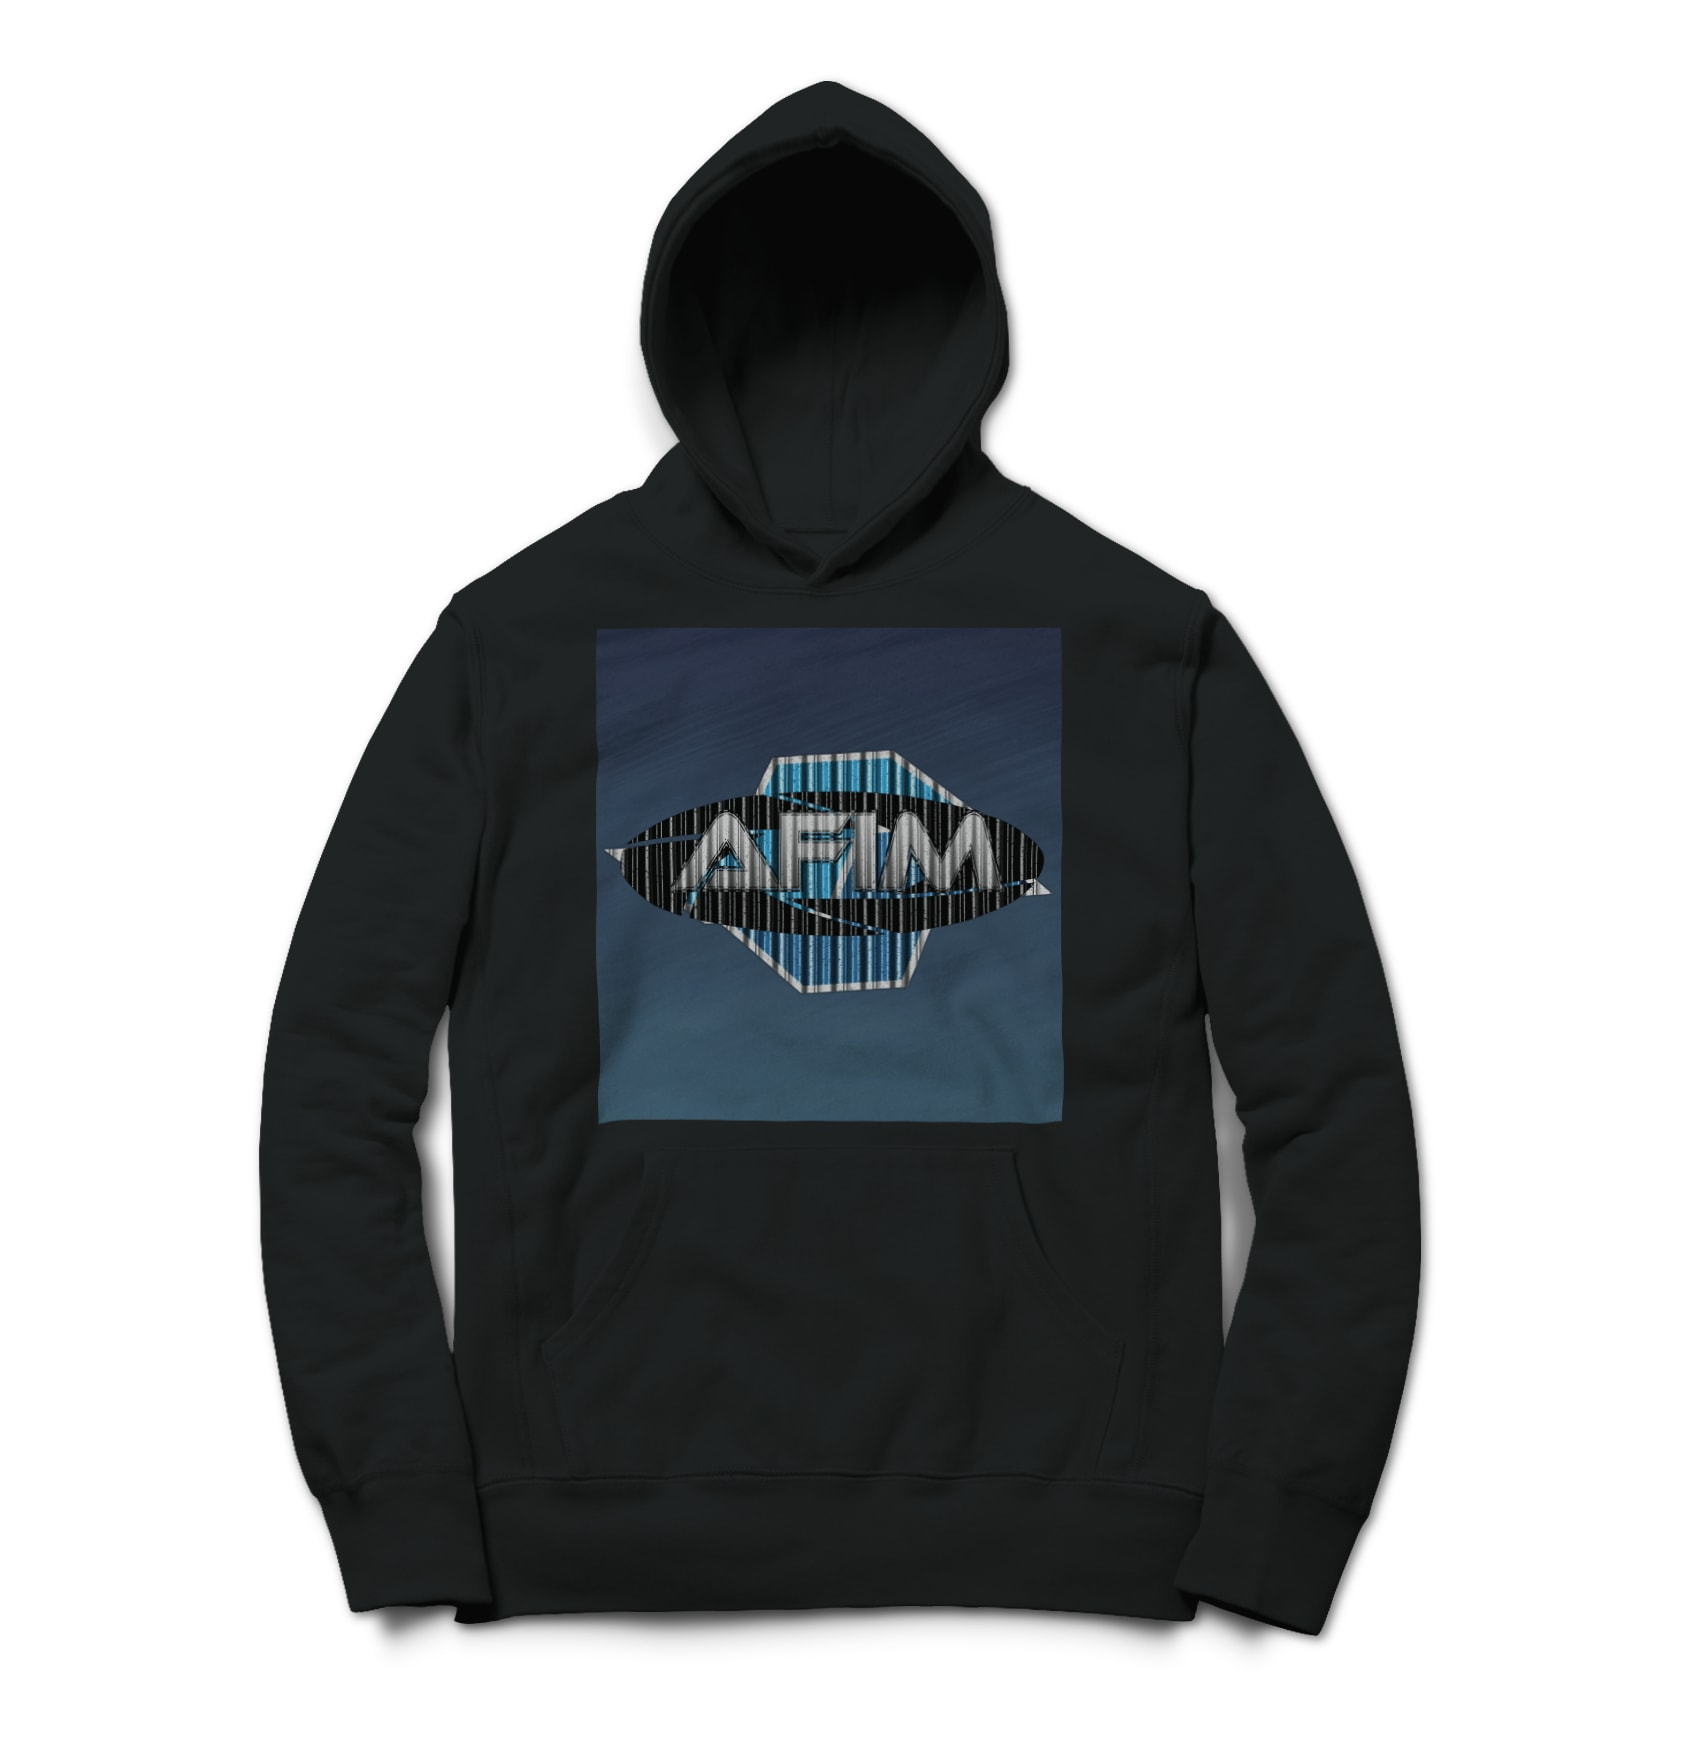 Afim afim 2018 v2 logo apparel 1547036995